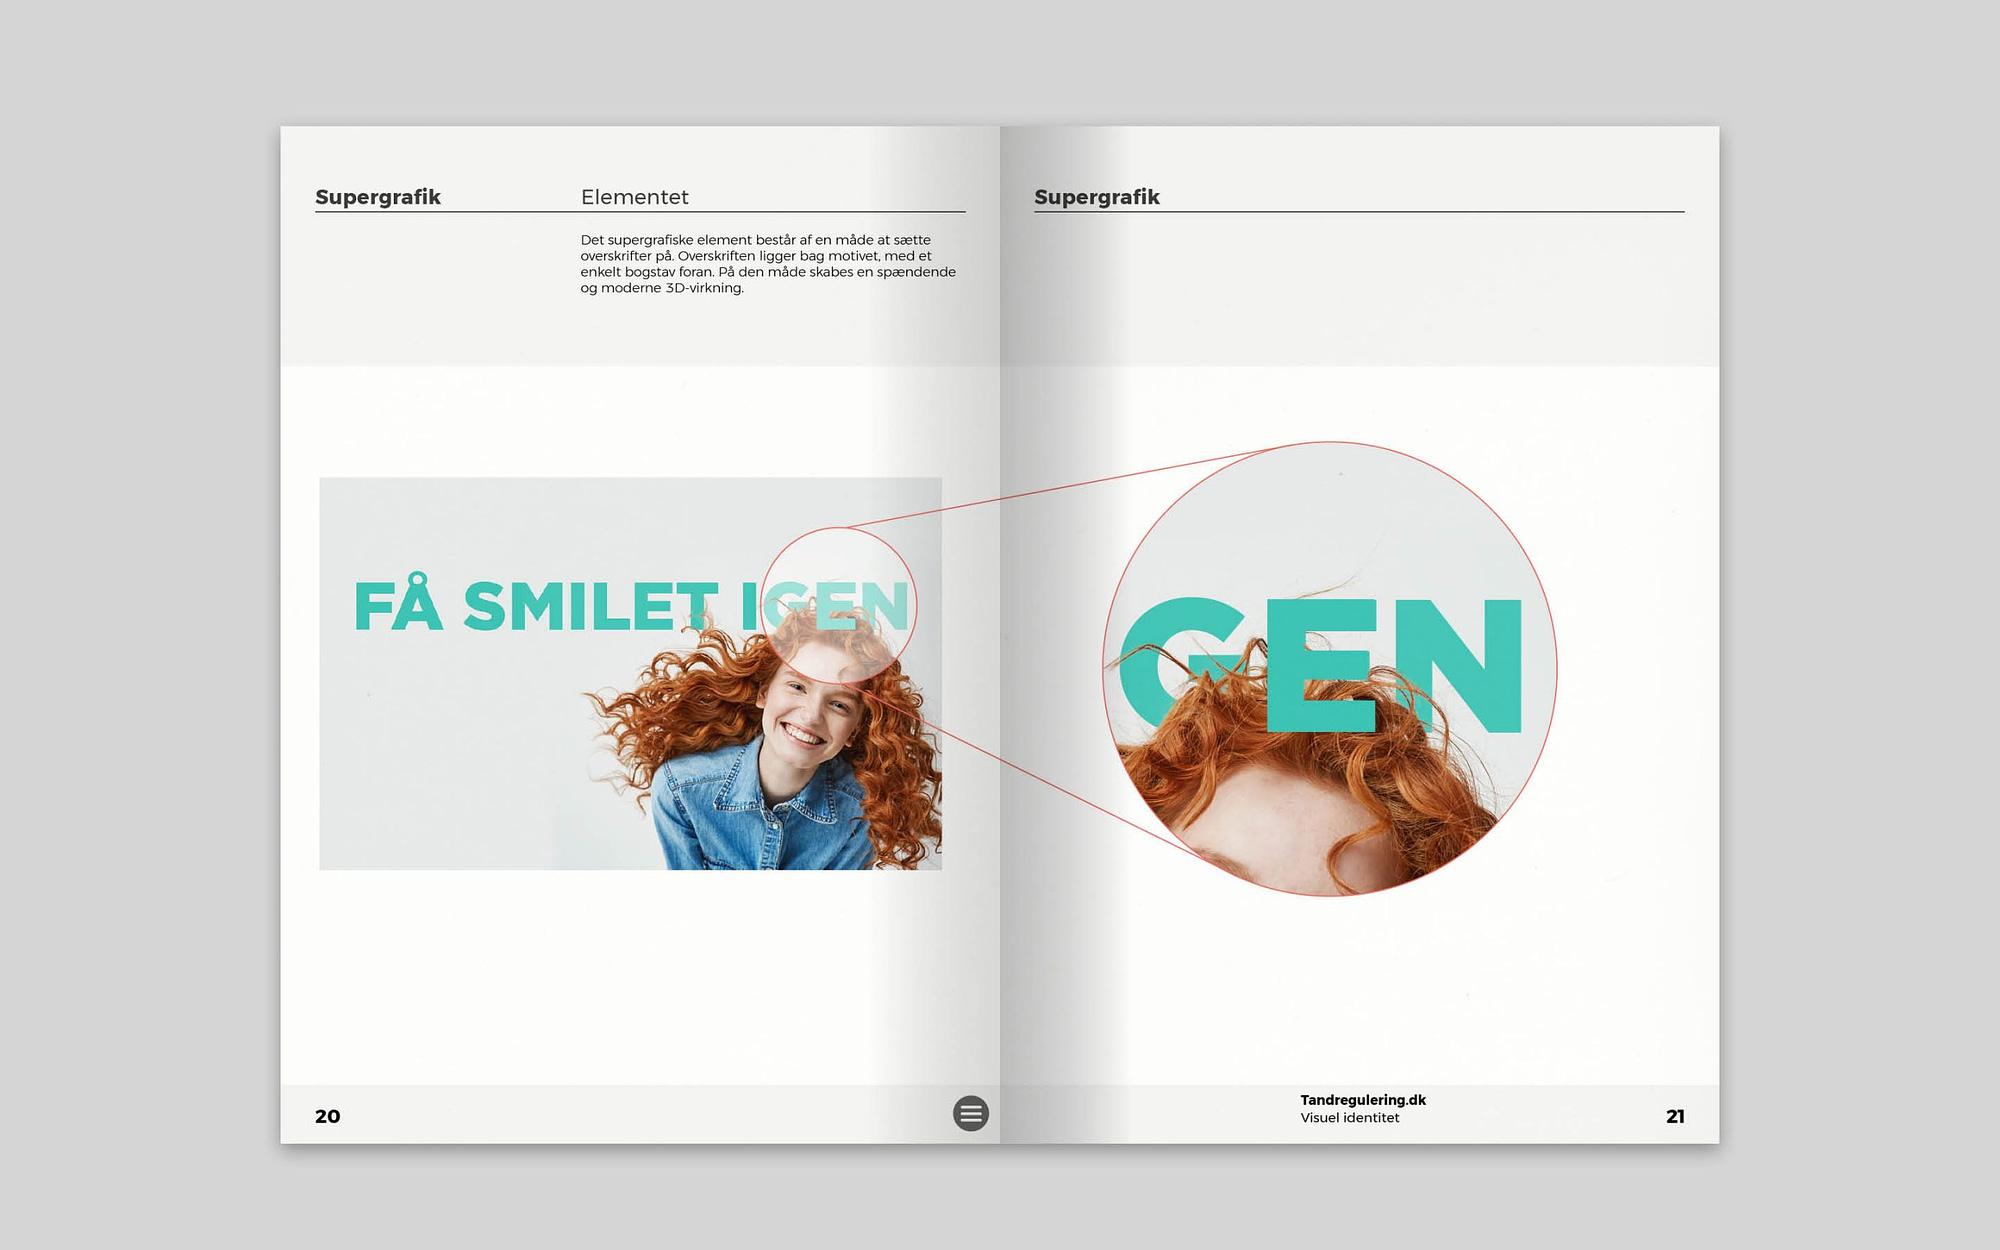 Overskrifter som en del af visuel identitet for Tandregulering.dk